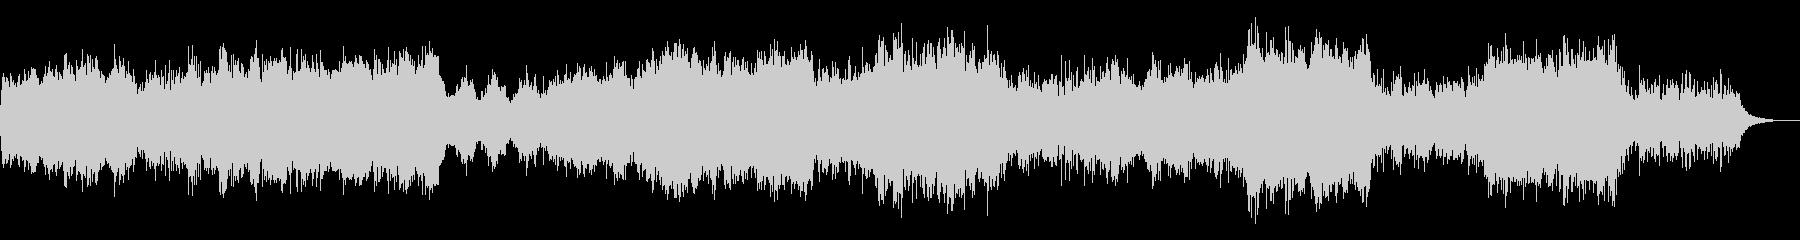 明るいファンタジーイメージの管弦楽曲の未再生の波形